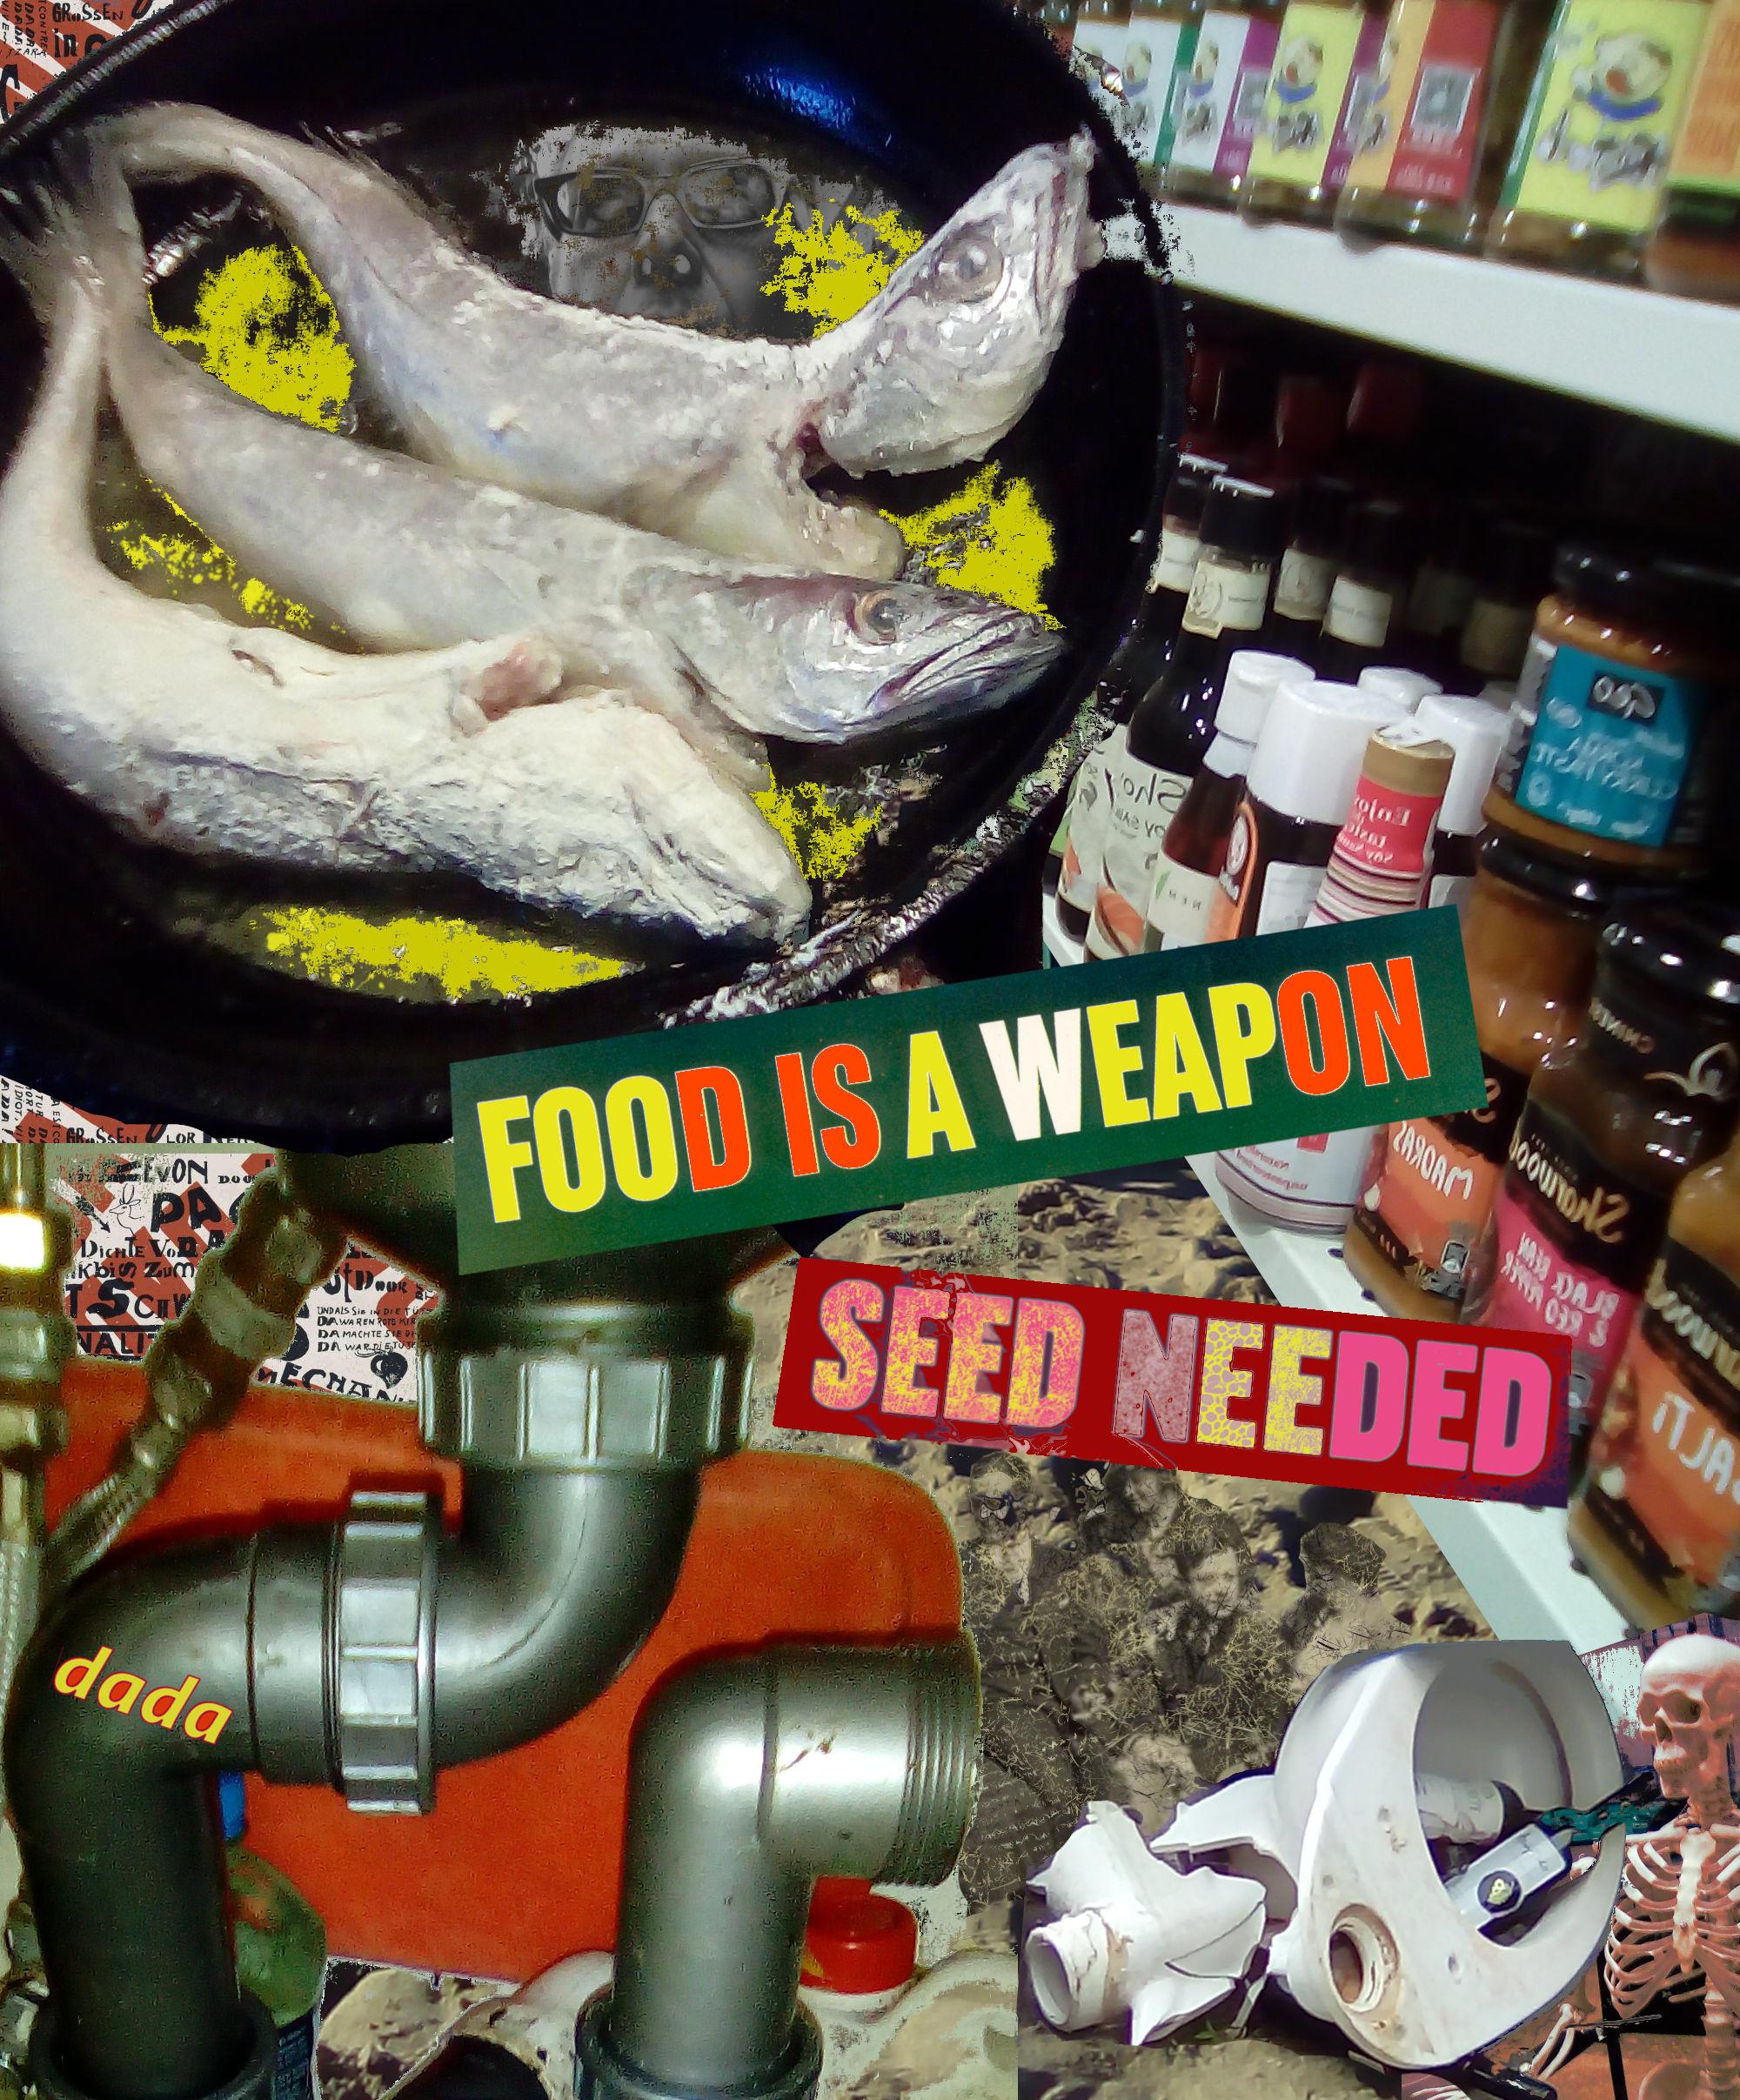 Dada Seed by Jay Schwartz @Jschwartz63 Dadaism Dada Collage Art